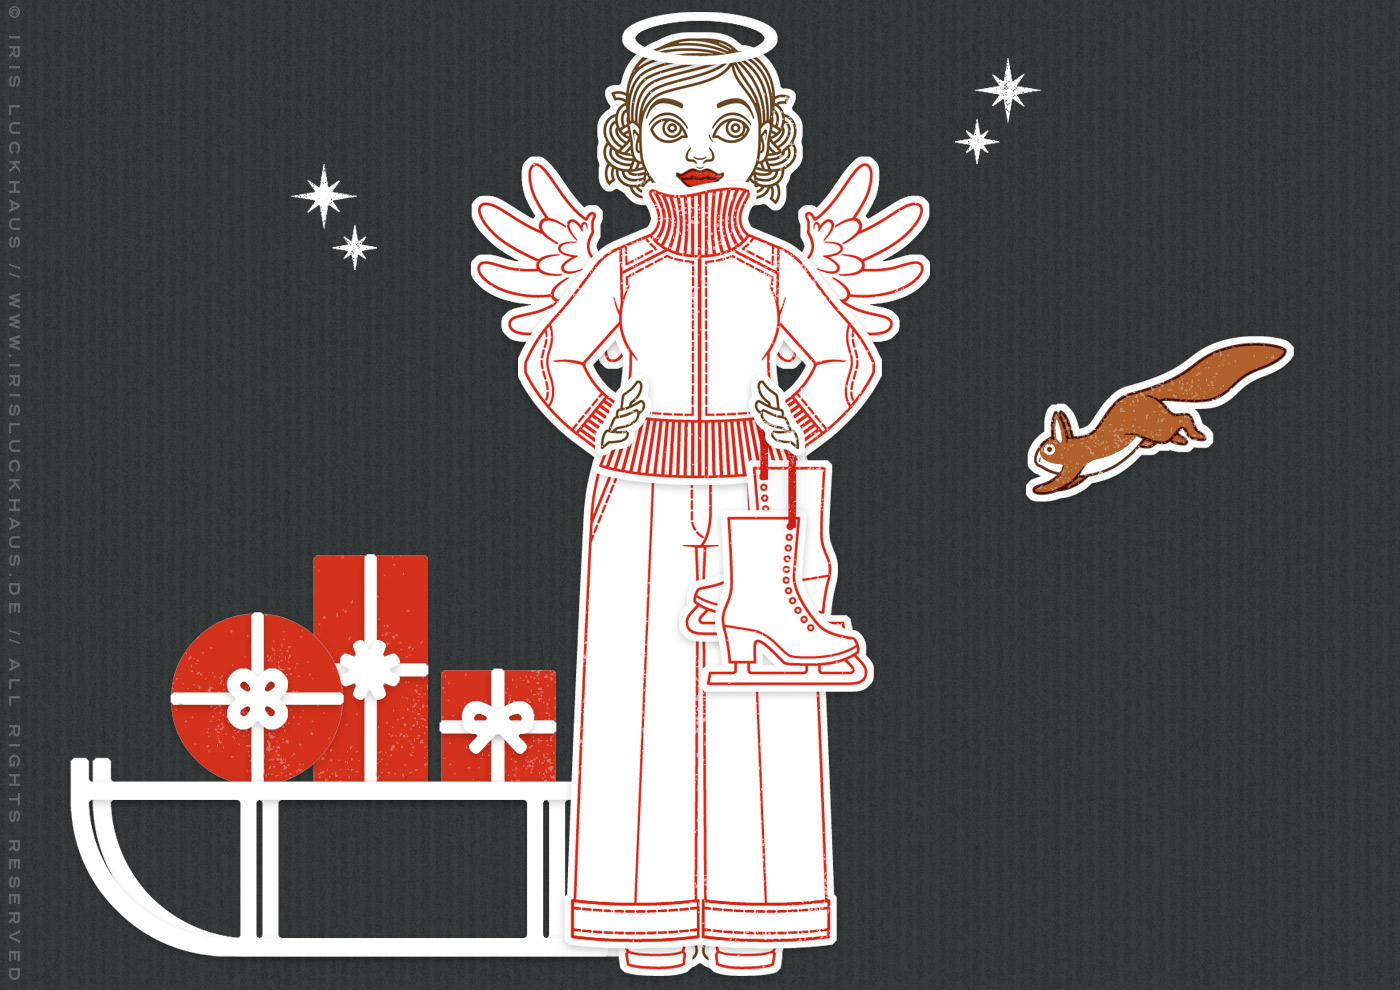 Winter-Set aus Stempeln und Stanzen für die DIY-Ankleidepuppe Gerti von Charlie und Paulchen, mit Stempeln, Stanzen und Prägen für Papier und Stoff, zur Nutzung auf Postkarten und Grußkarten, mit Strickjacke, Schlittschuhen, Engelsflügeln, Heiligeschein, Geschenken und Eichhörnchen